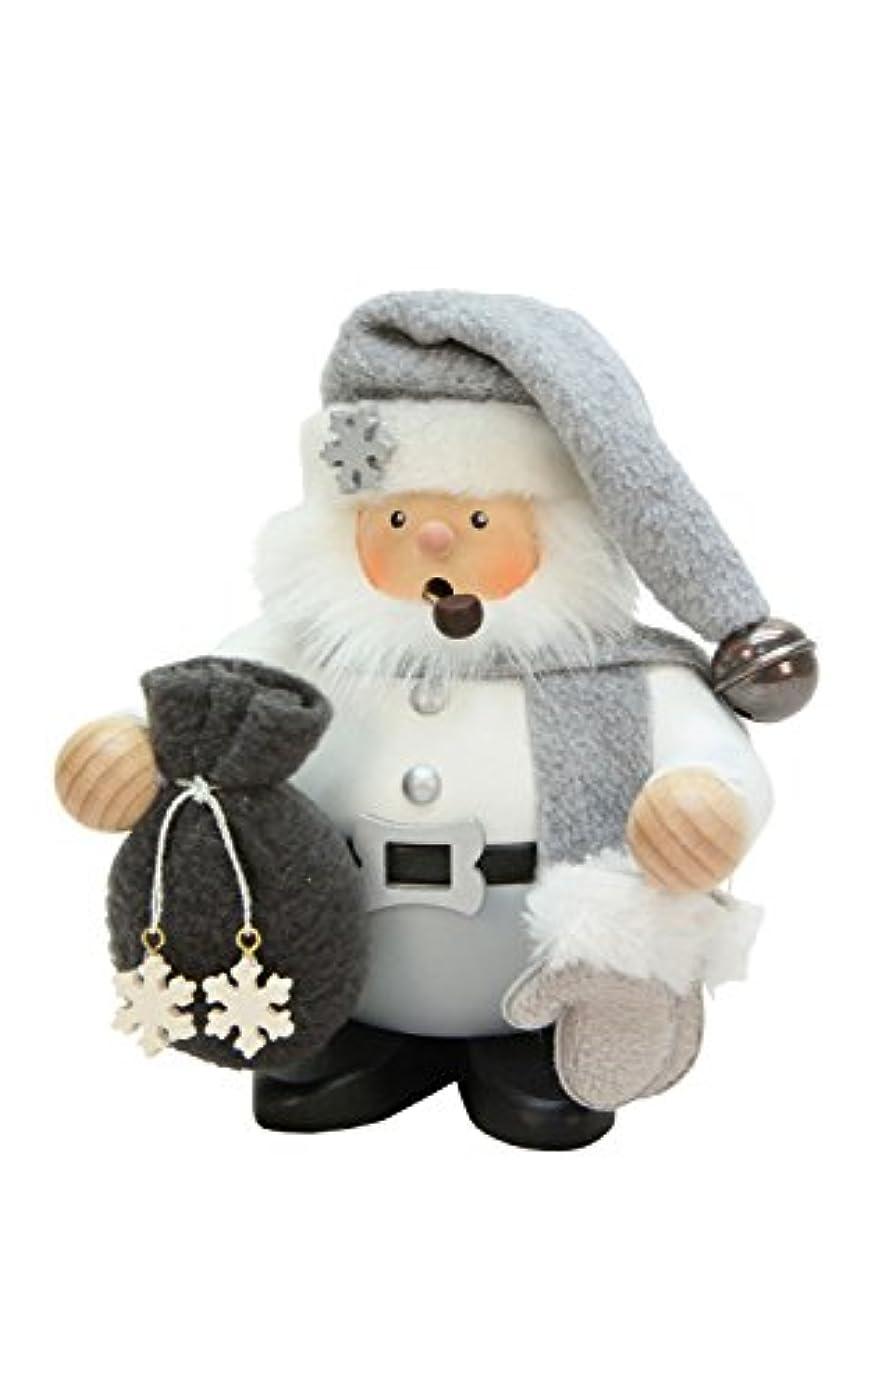 バイソン誓い船乗りAlexander Taron 1-472 Christian Ulbricht Incense Burner - Santa Claus with Grey & White Outfit